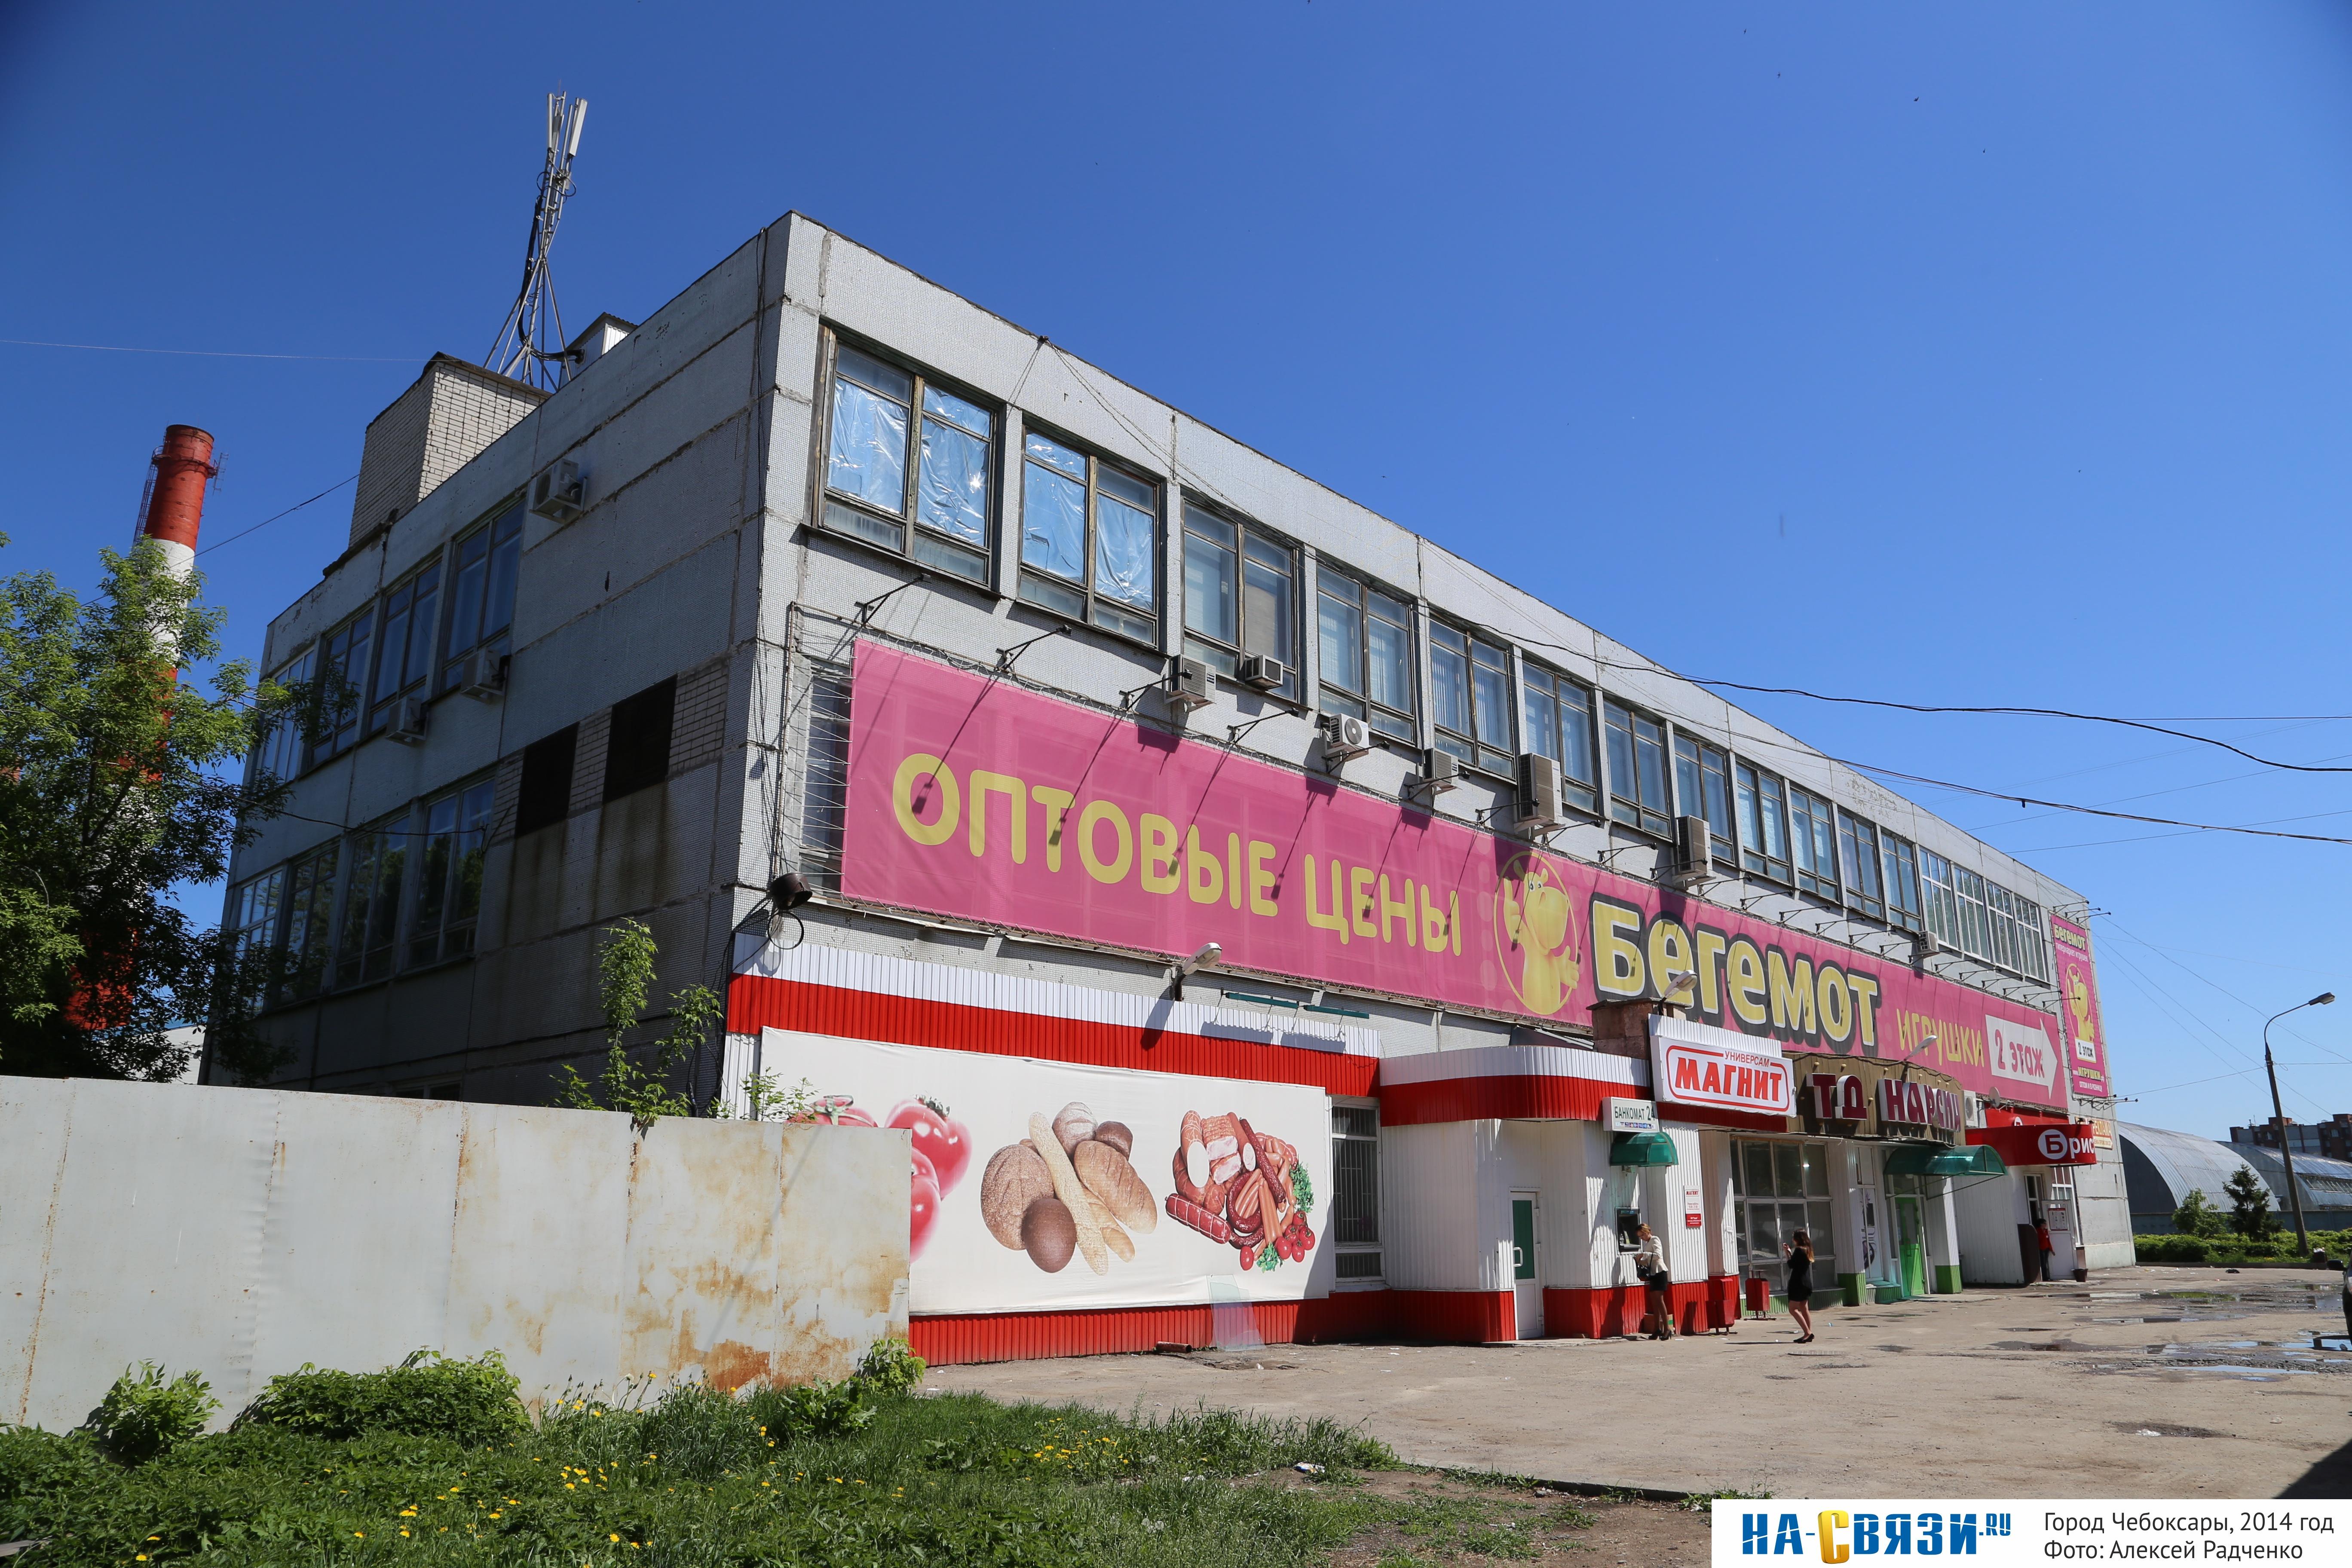 Косметика Улица Т.Кривова Чебоксары электроэпиляция или фотоэпиляция - что лучше